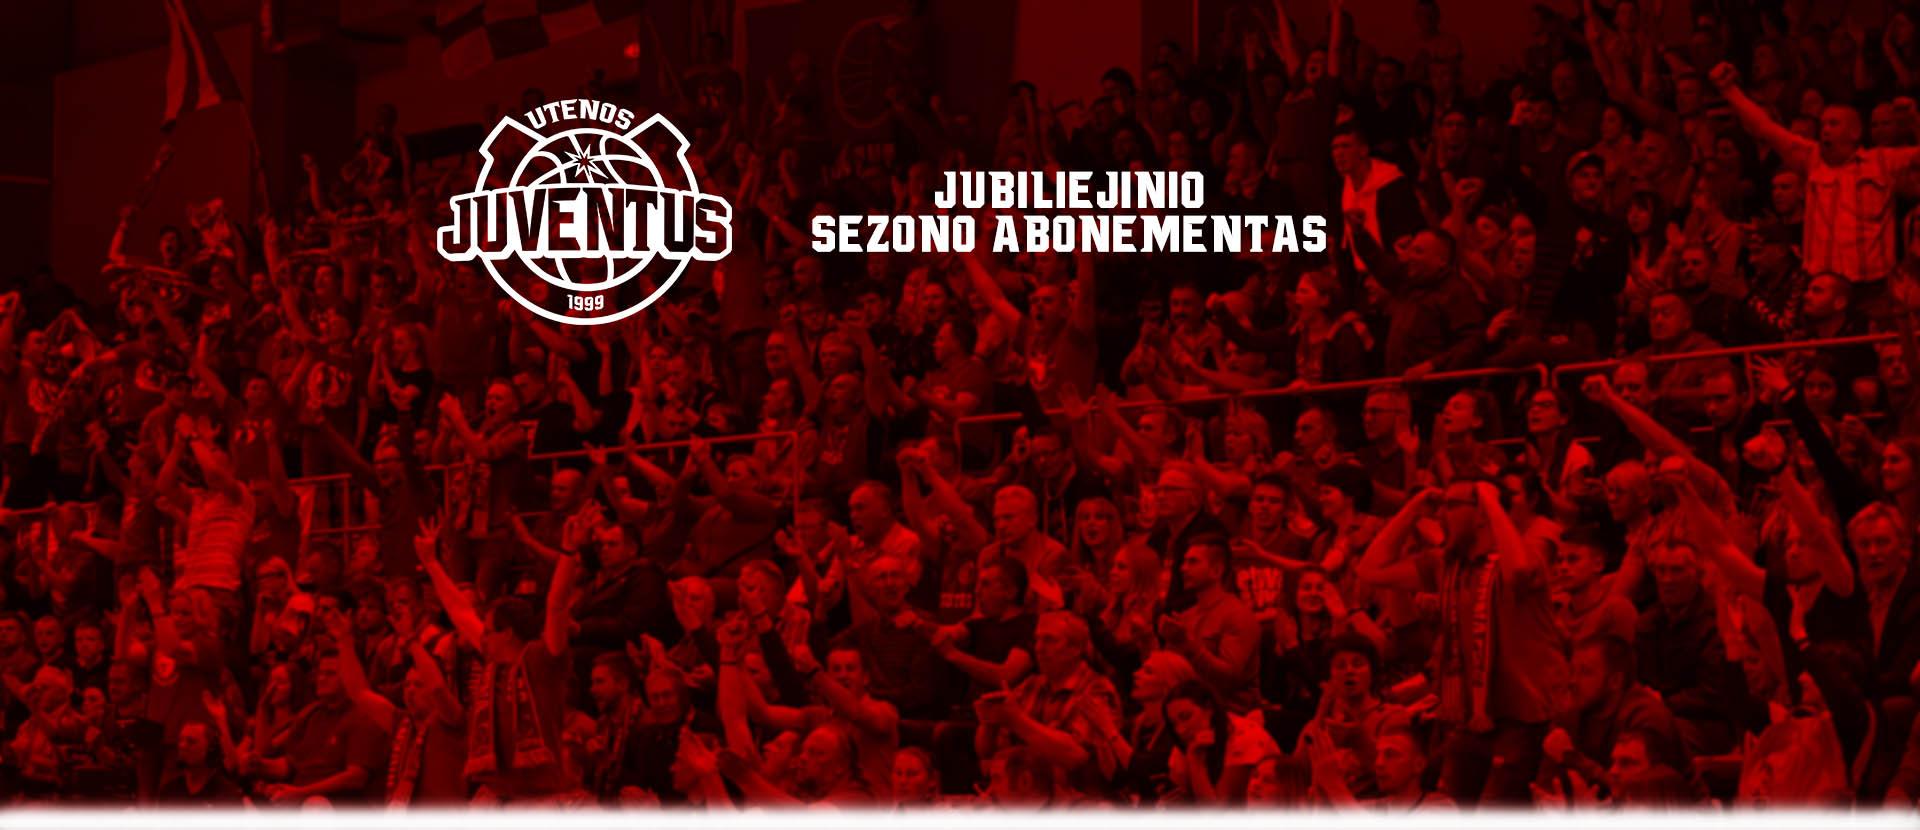 """Krepšinio klubo """"Juventus"""" 2019/2020 metų sezono abonementas"""